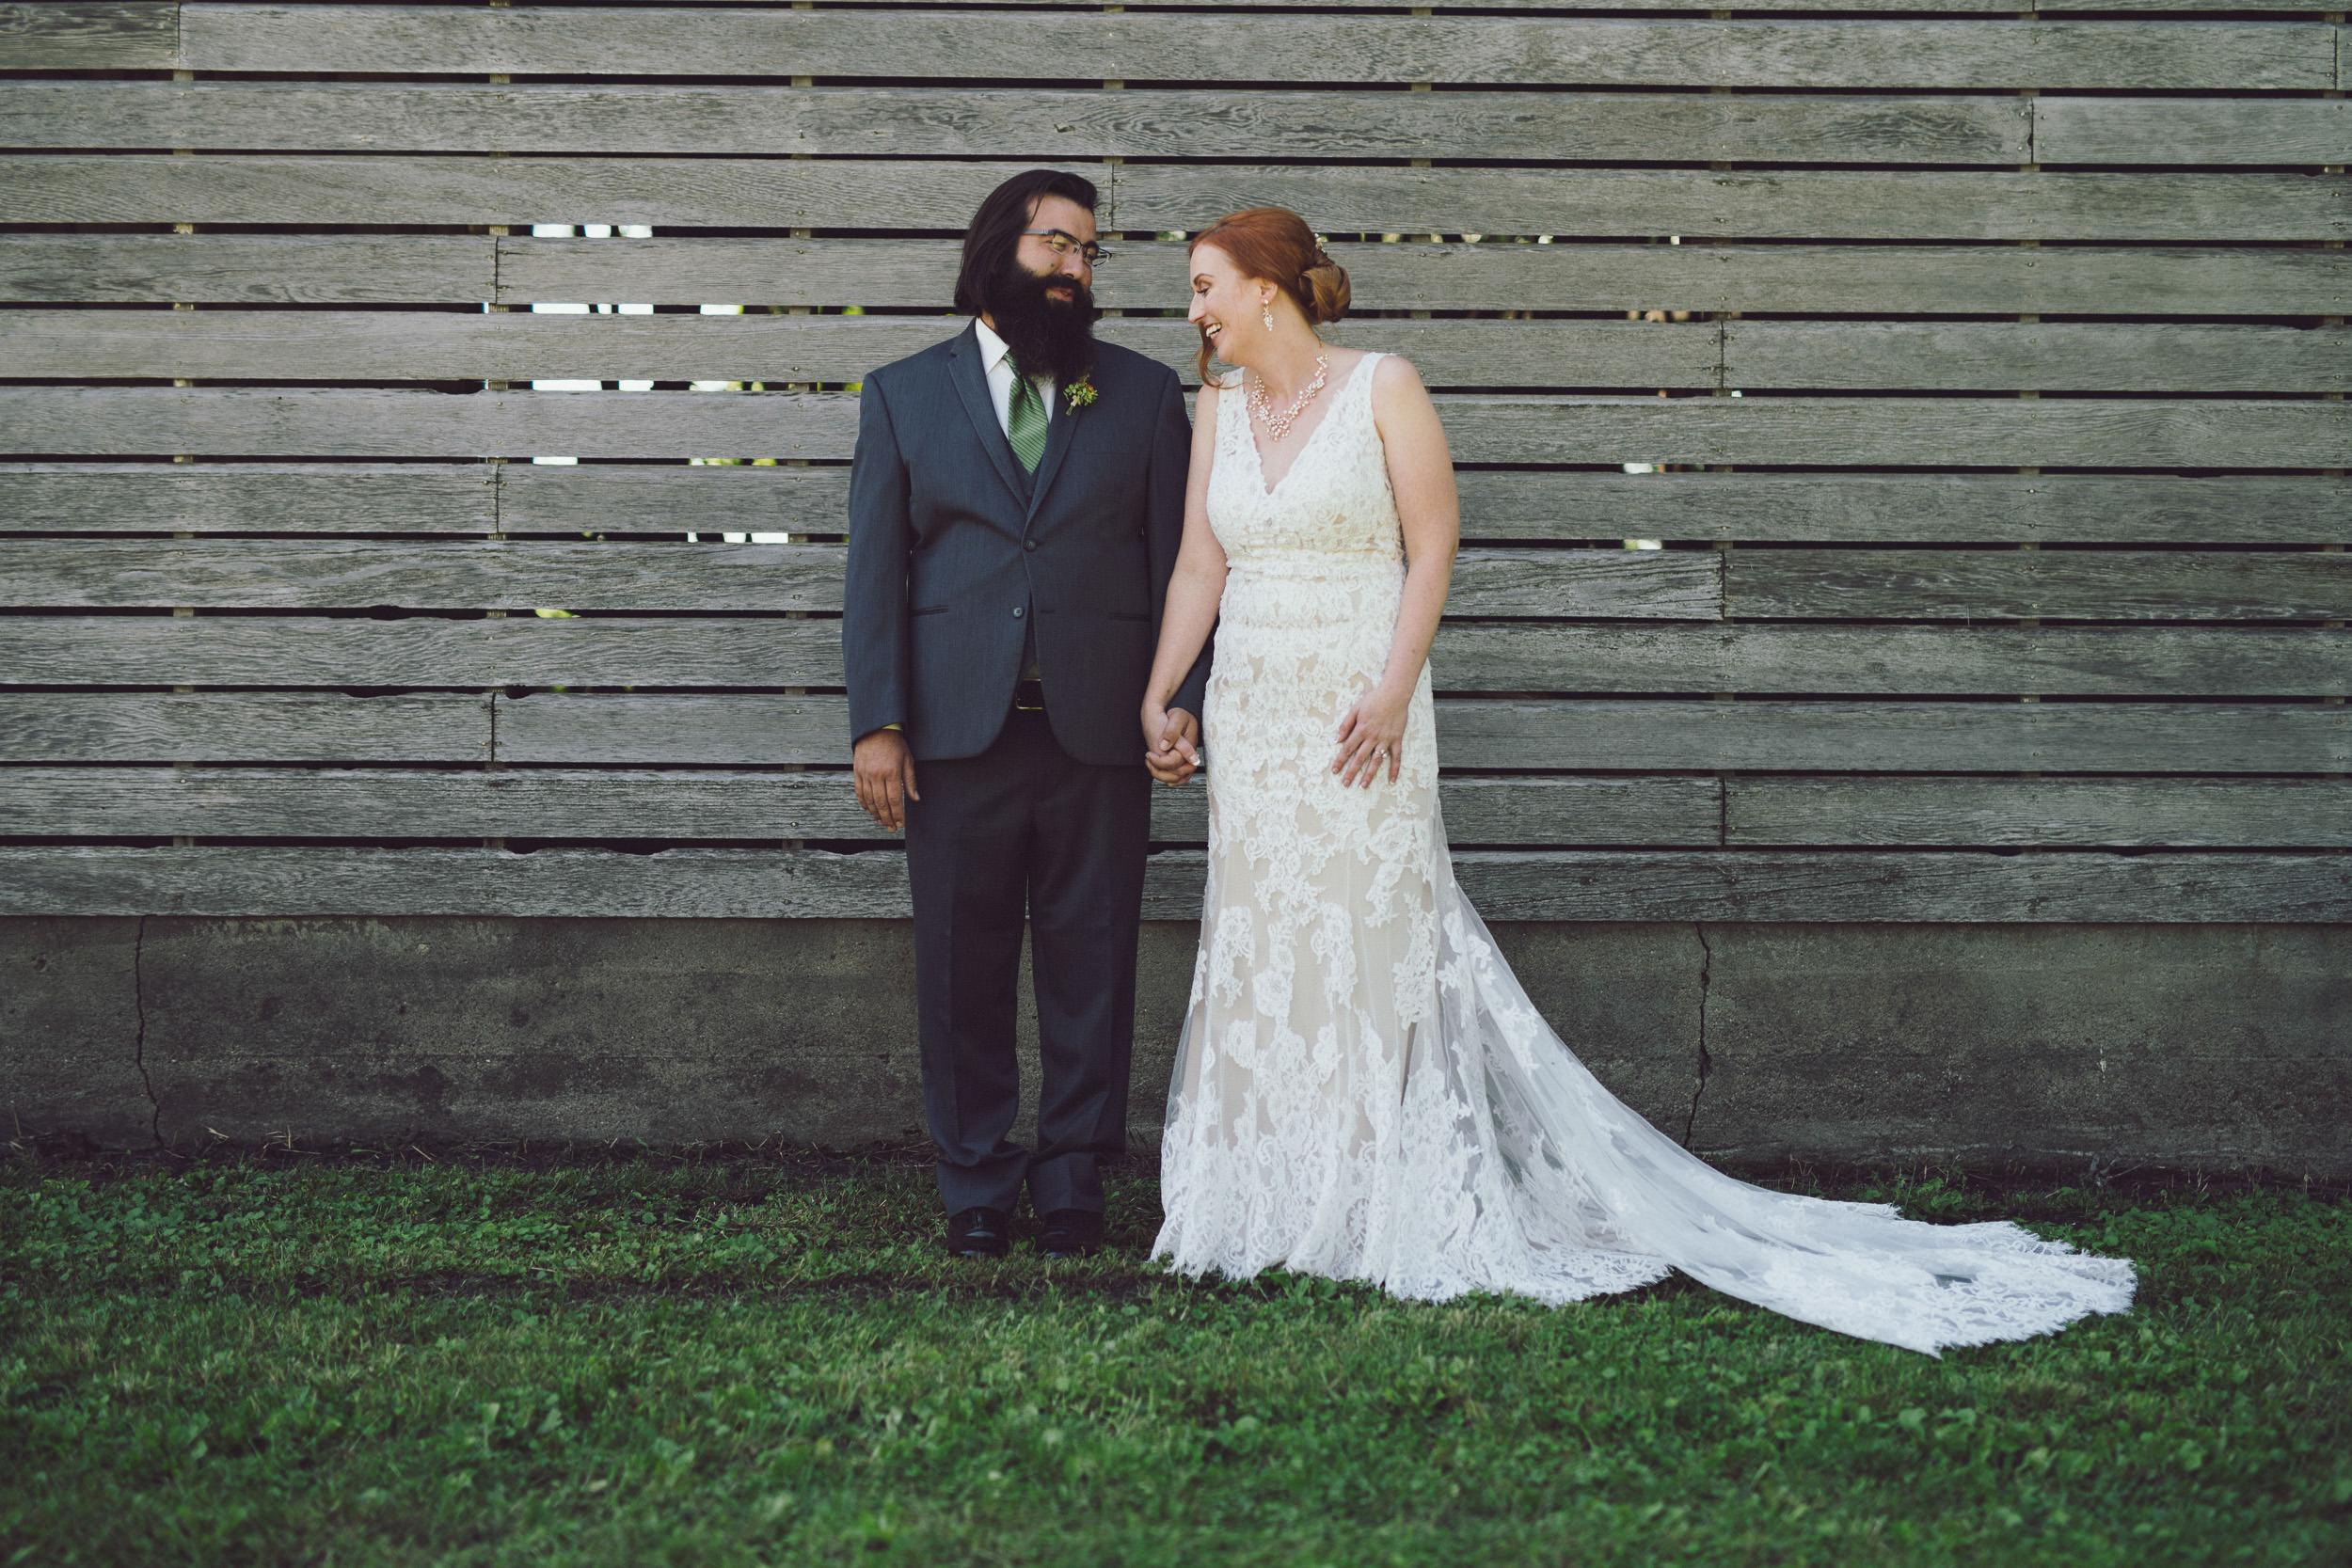 wedding-keely-caleb-378.jpg